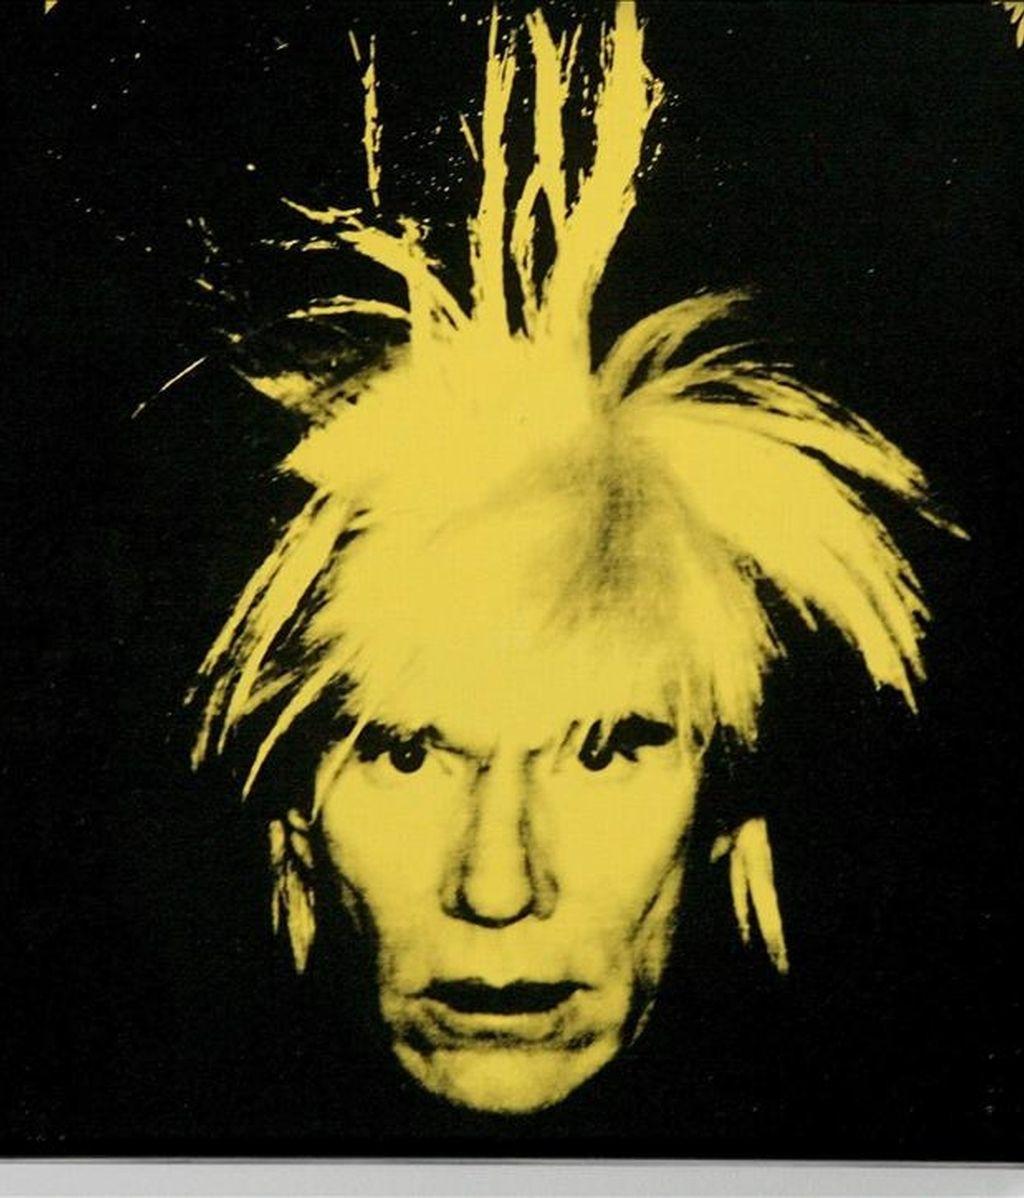 Warhol (1928-1987), que protagonizará algunas de las subastas de arte moderno y contemporáneo que tendrán lugar en mayo próximo en Nueva York, se mudó en los años sesenta con su madre a esa casa unifamiliar de cuatro plantas, cuatro dormitorios y tres baños. EFE/Archivo